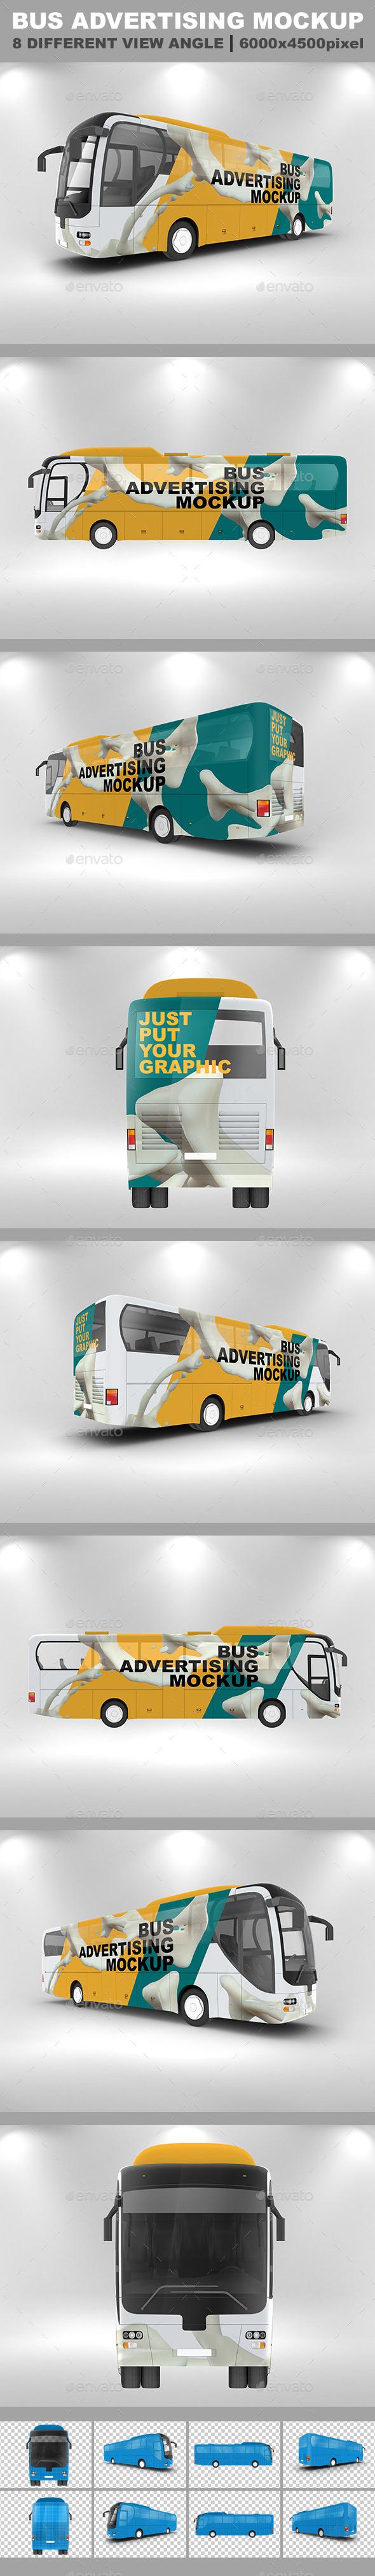 Bus Advertising Mockup - Vehicle Wraps Print